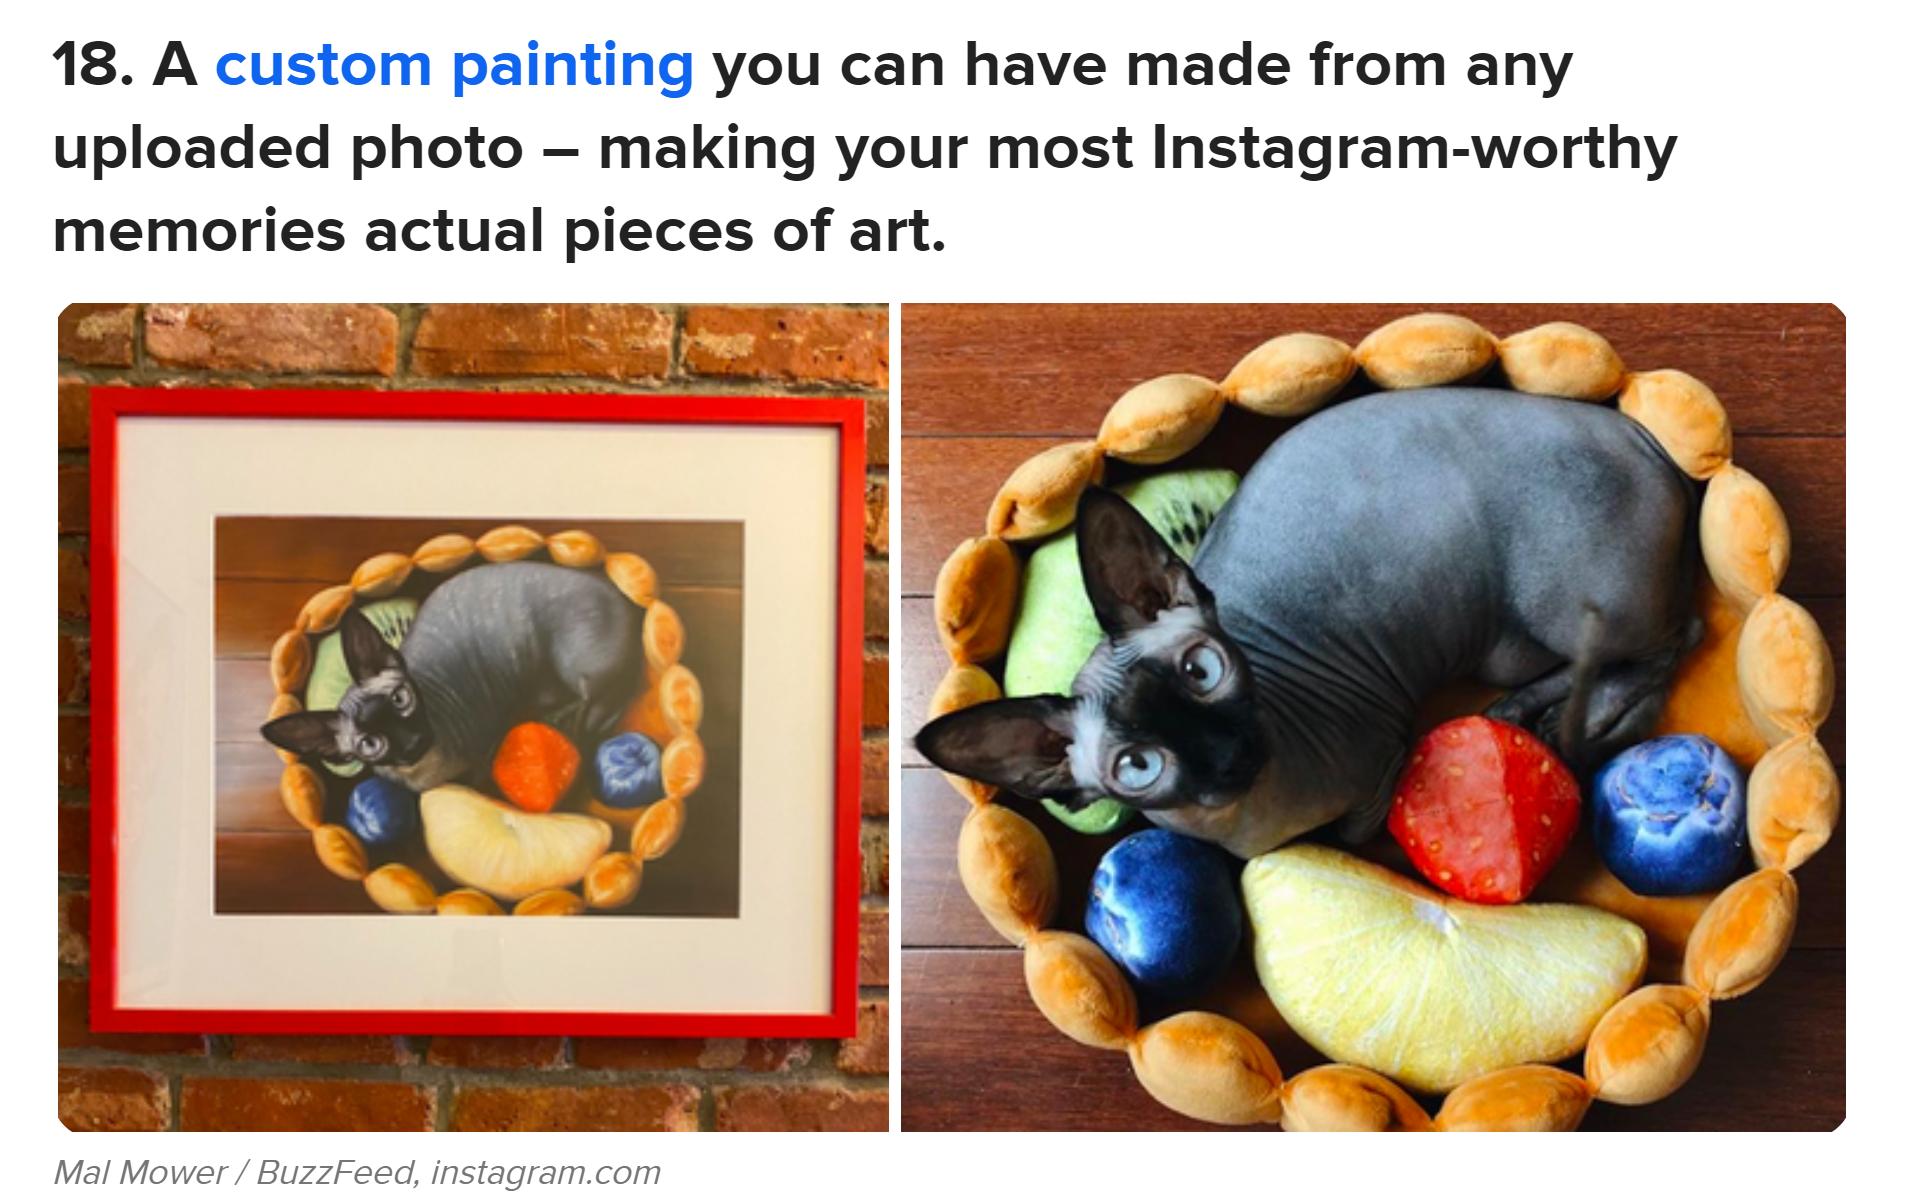 Paintru Featured in Buzzfeed!